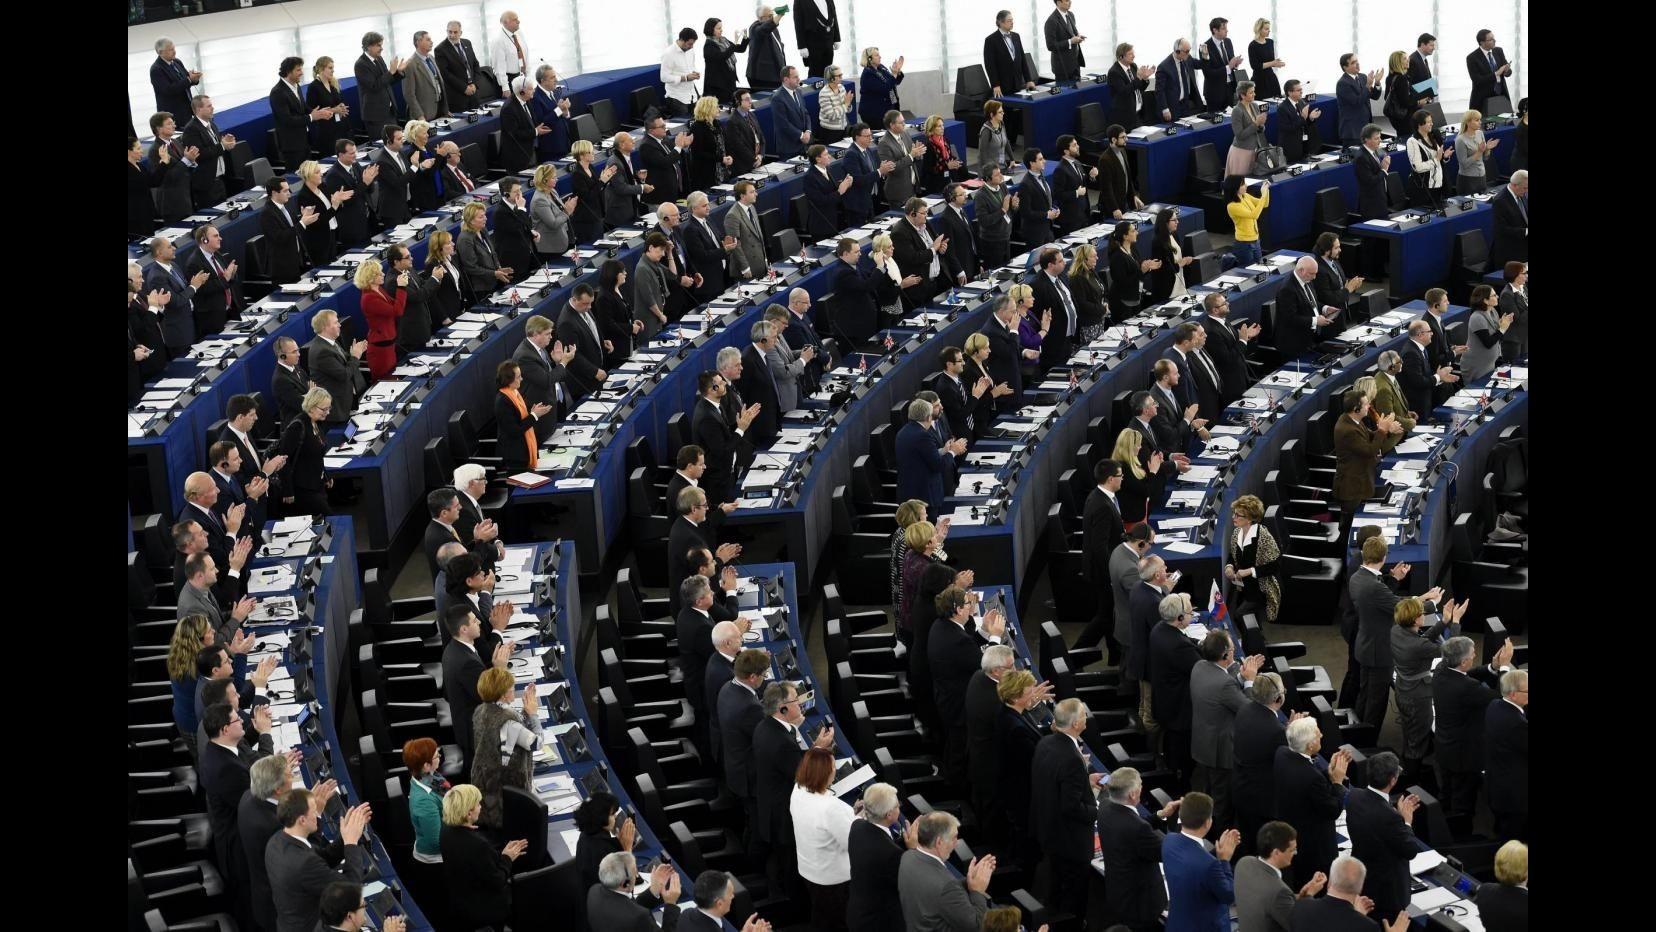 Parlamento Ue vota sulla fine del segreto bancario con la Svizzera